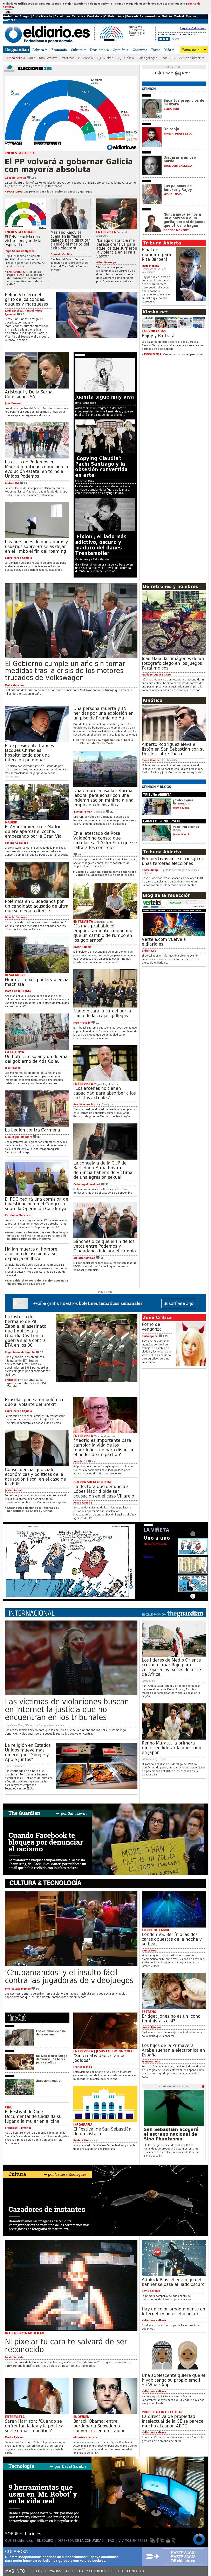 El Diario at Sunday Sept. 18, 2016, 1:04 p.m. UTC